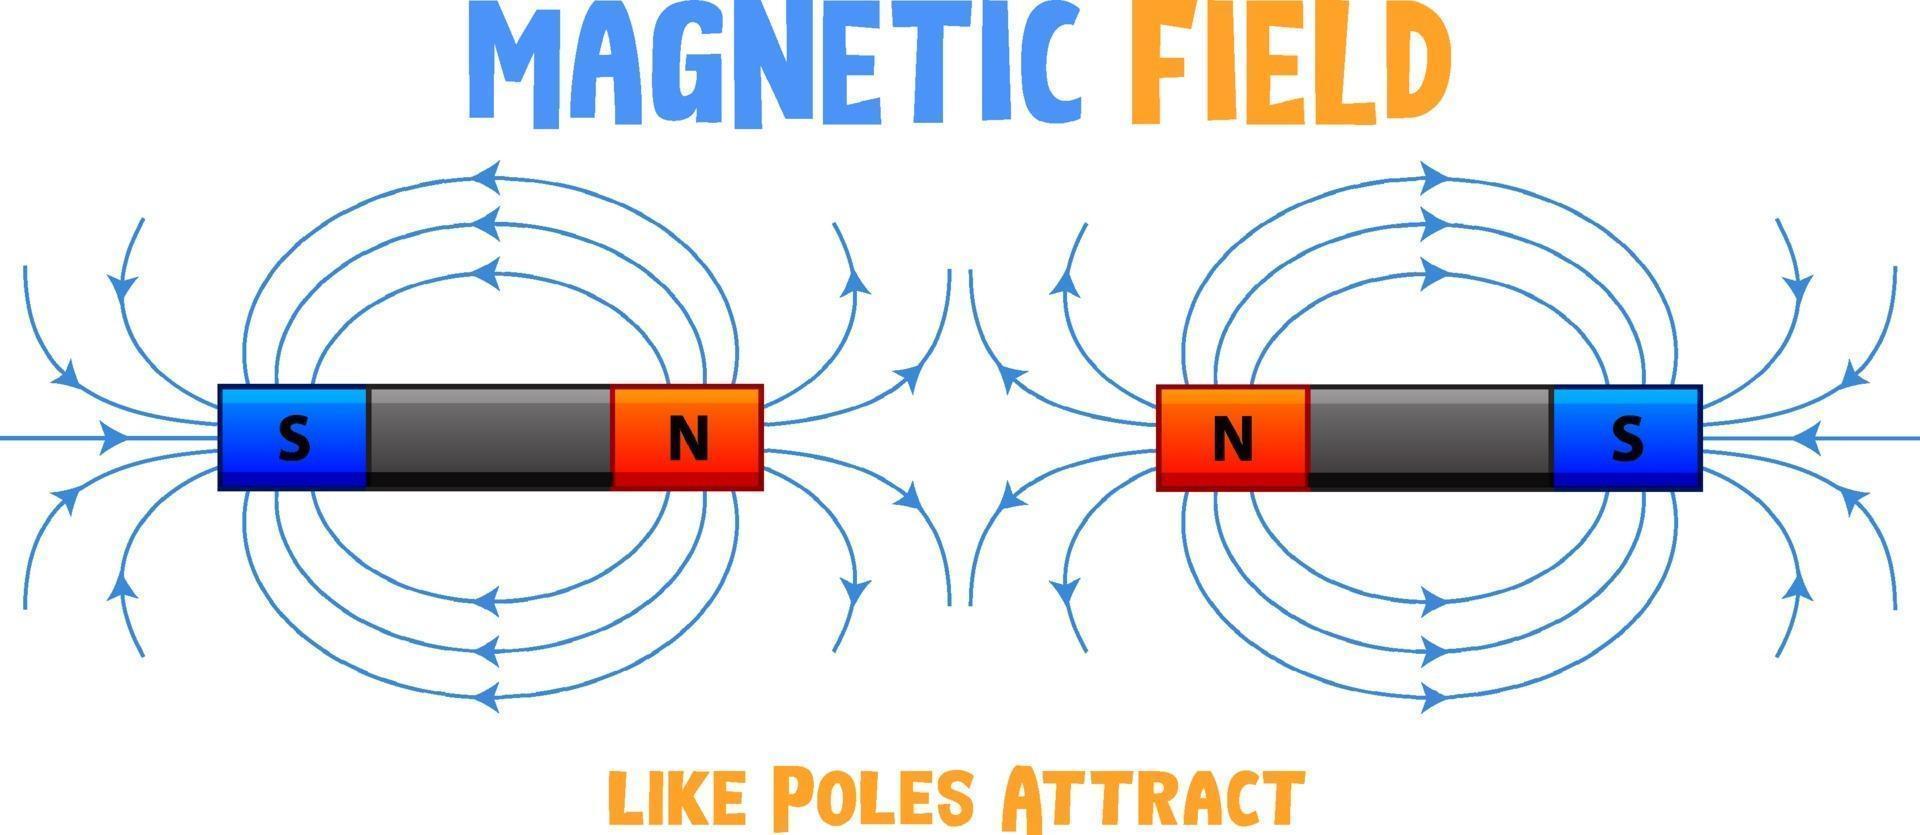 il campo magnetico di poli simili si attrae vettore